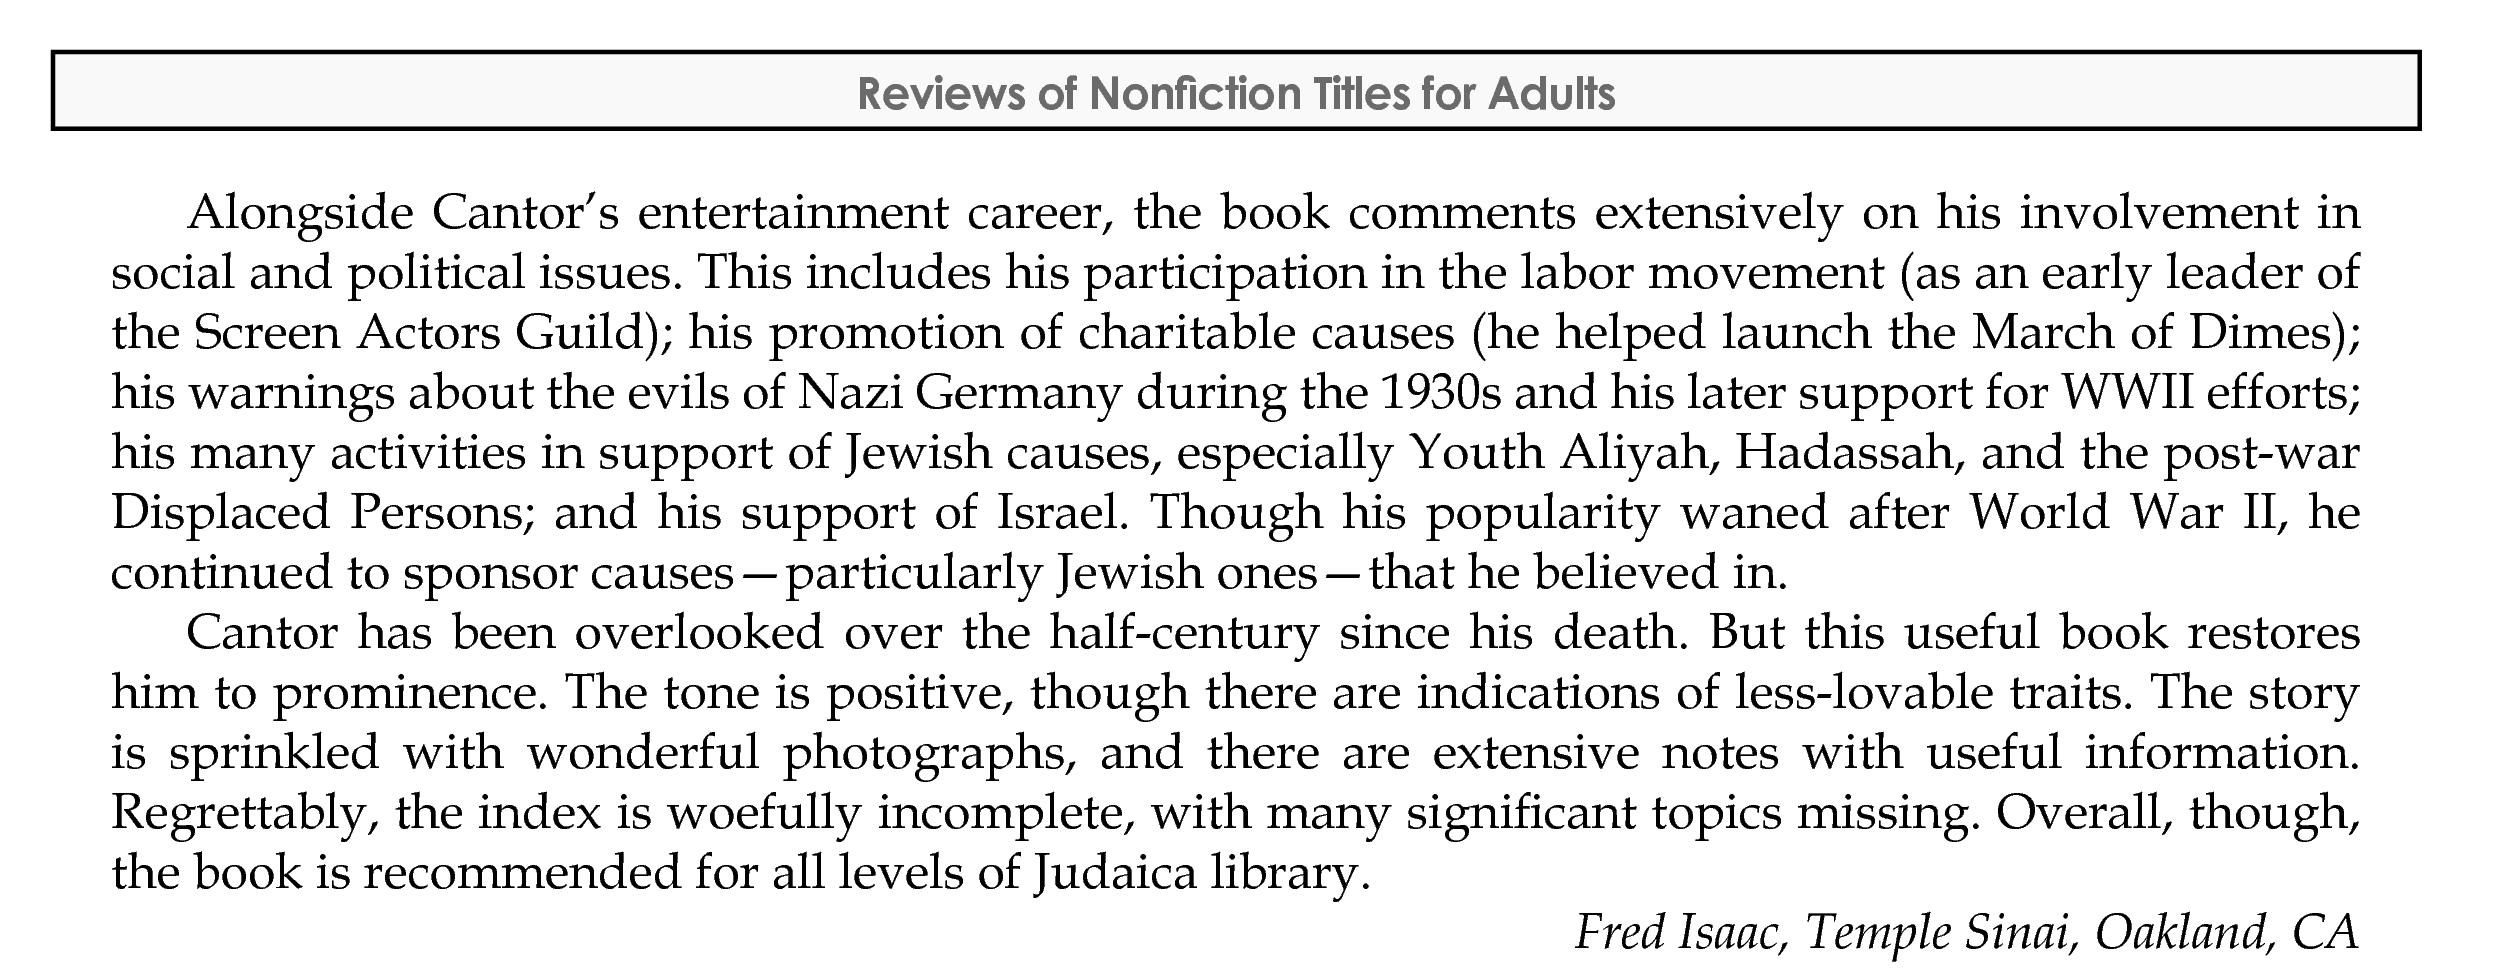 Book review, AJL Reviews, Sept/Oct 2018, p.2